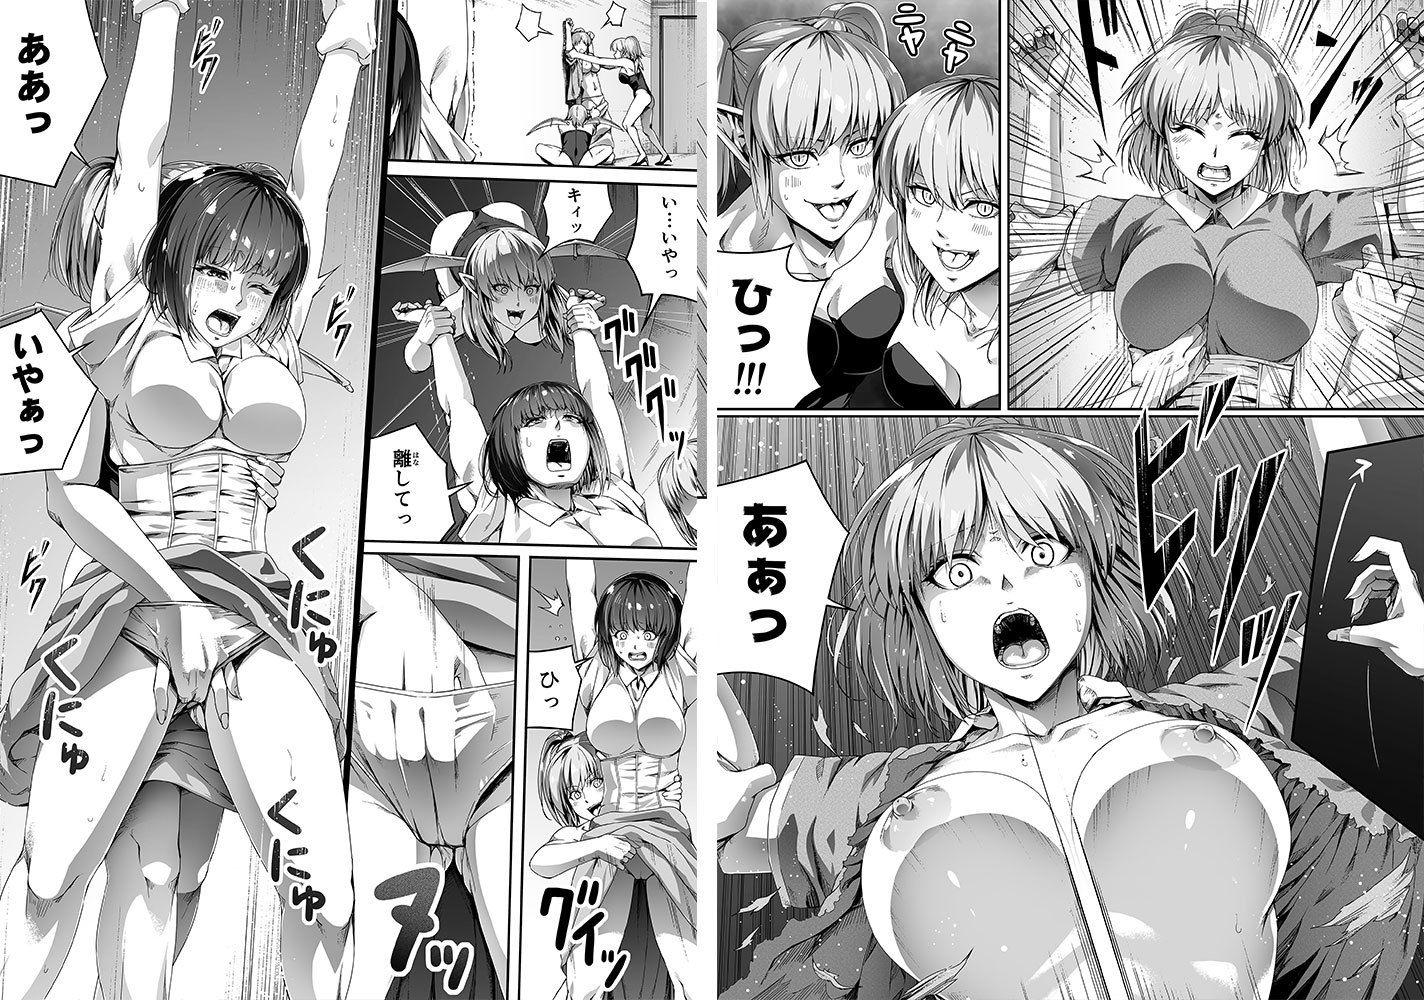 力あるサキュバスは性欲を満たしたいだけ 1【同人エロ漫画】(Road=ロード=)5